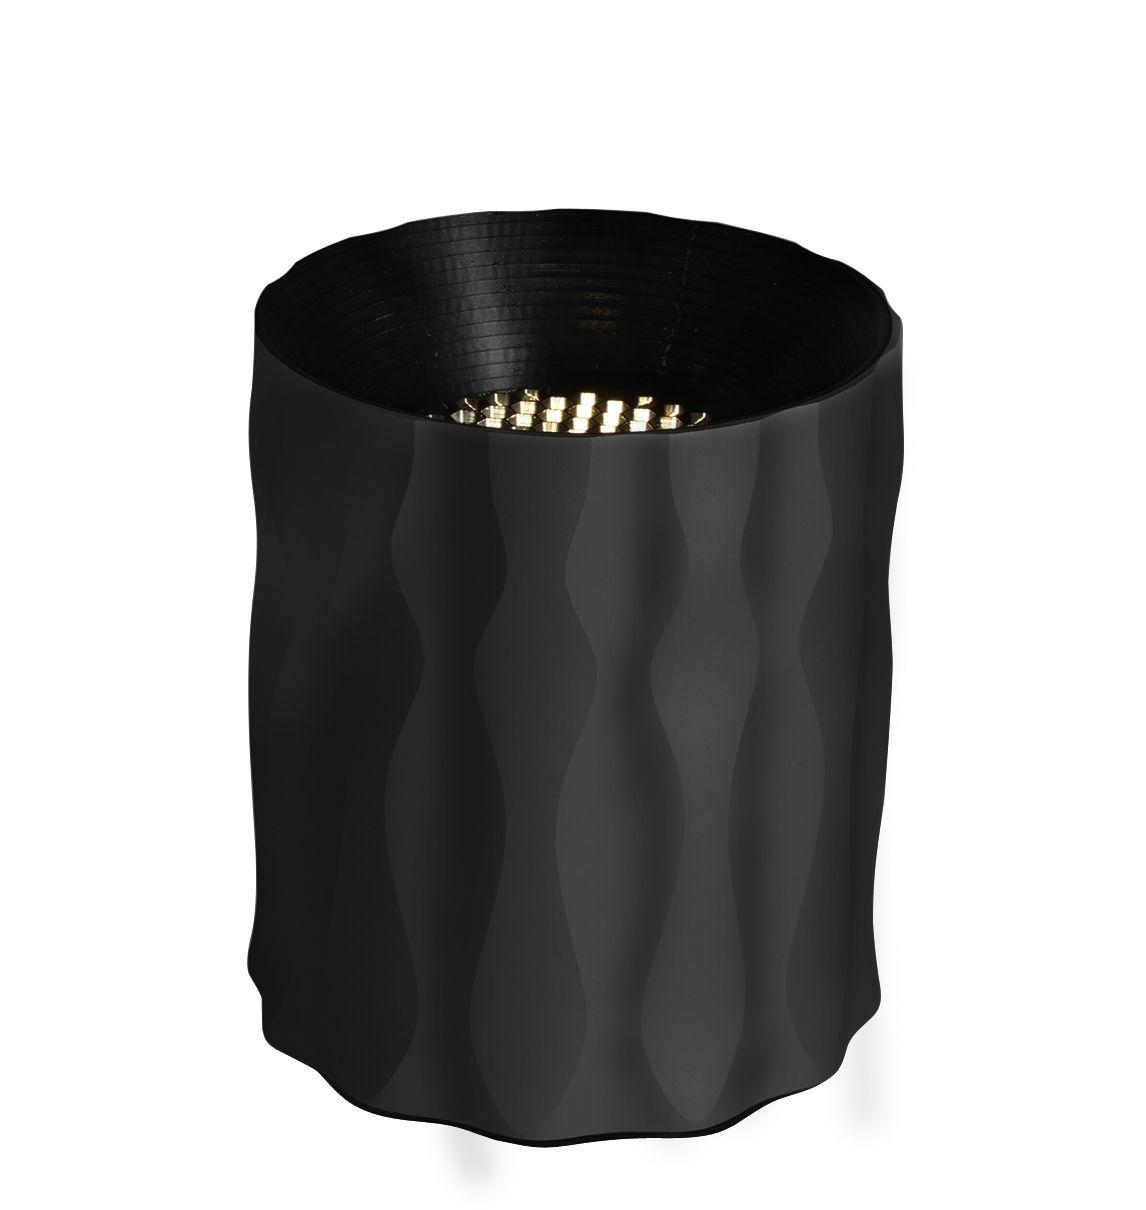 Luminaire - Lampes de table - Lampe de table Fiamma / H 16 cm - Artemide - Noir - Métal